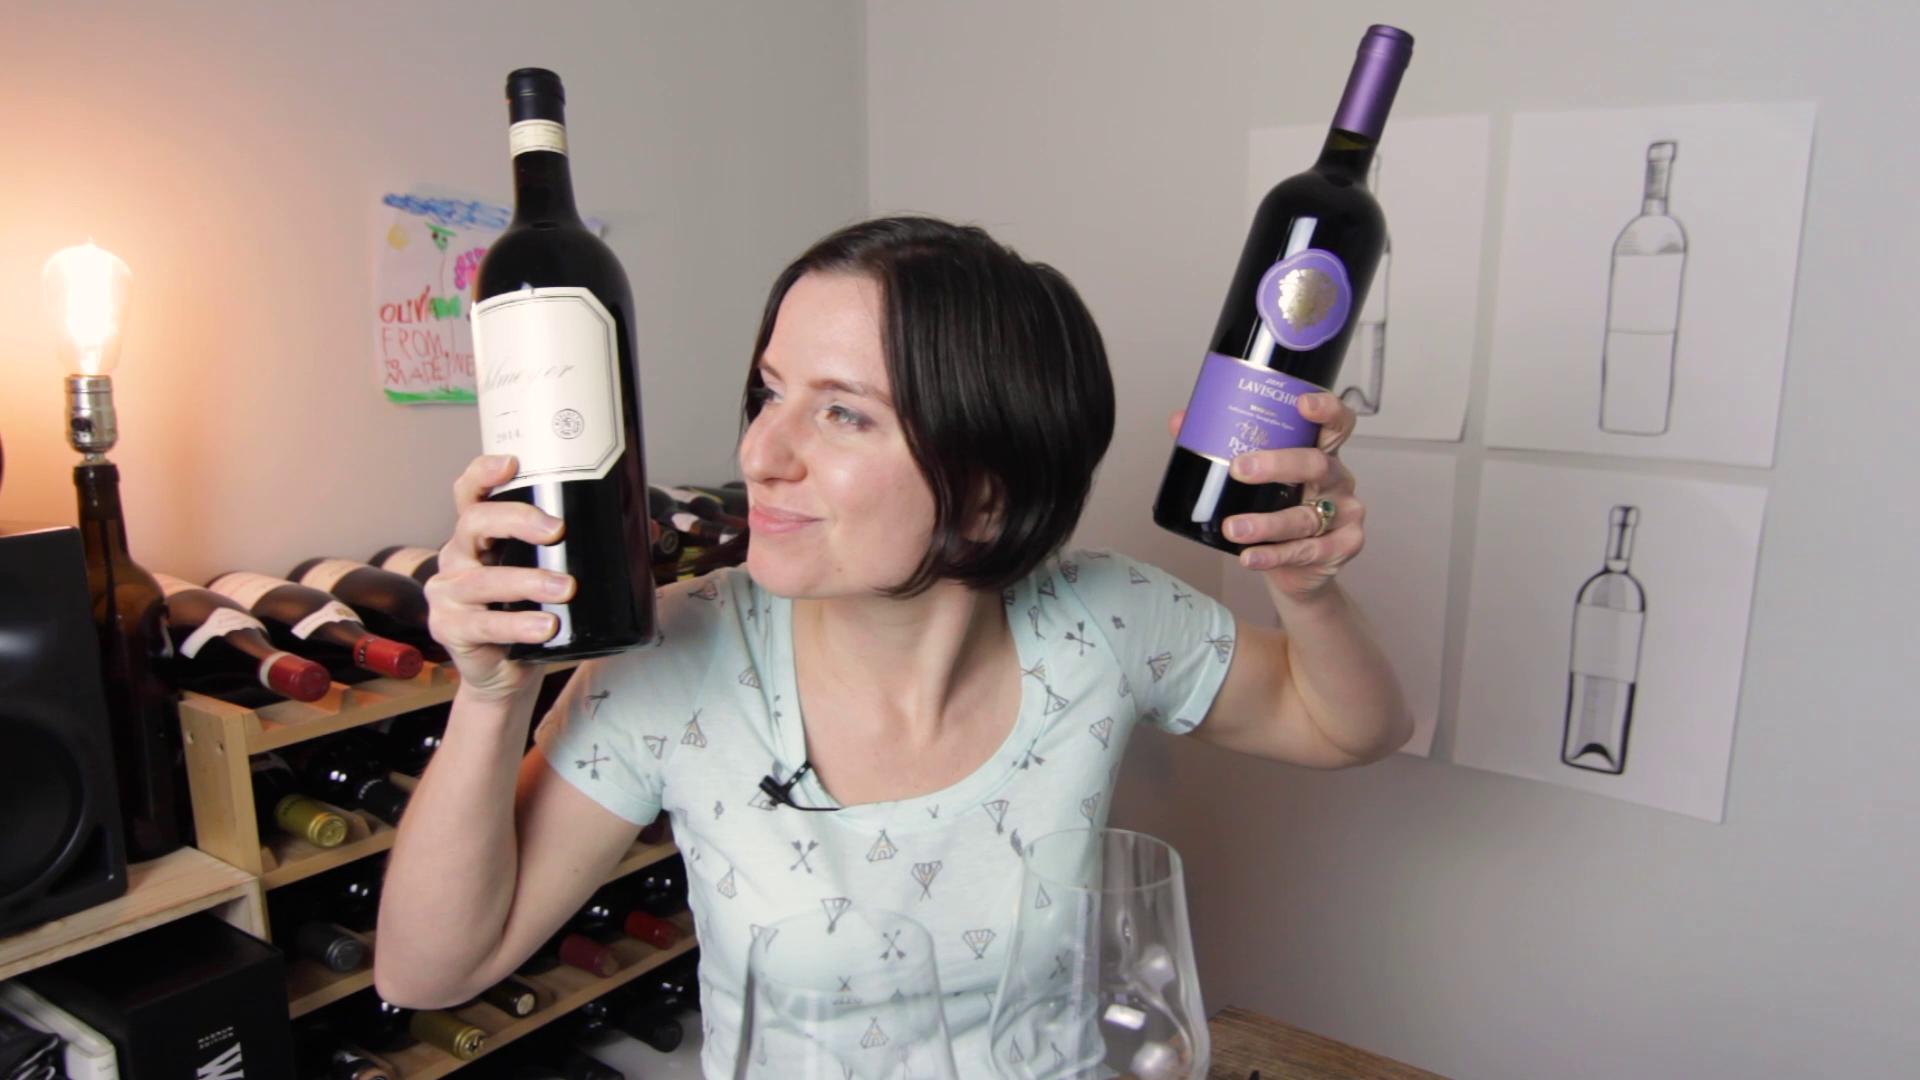 Comparar vinhos de diferentes regiões é uma das maneiras que Madeline utiliza para educar consumidores sobre como escolher seus rótulos preferidos (Crédito: Wine Folly).